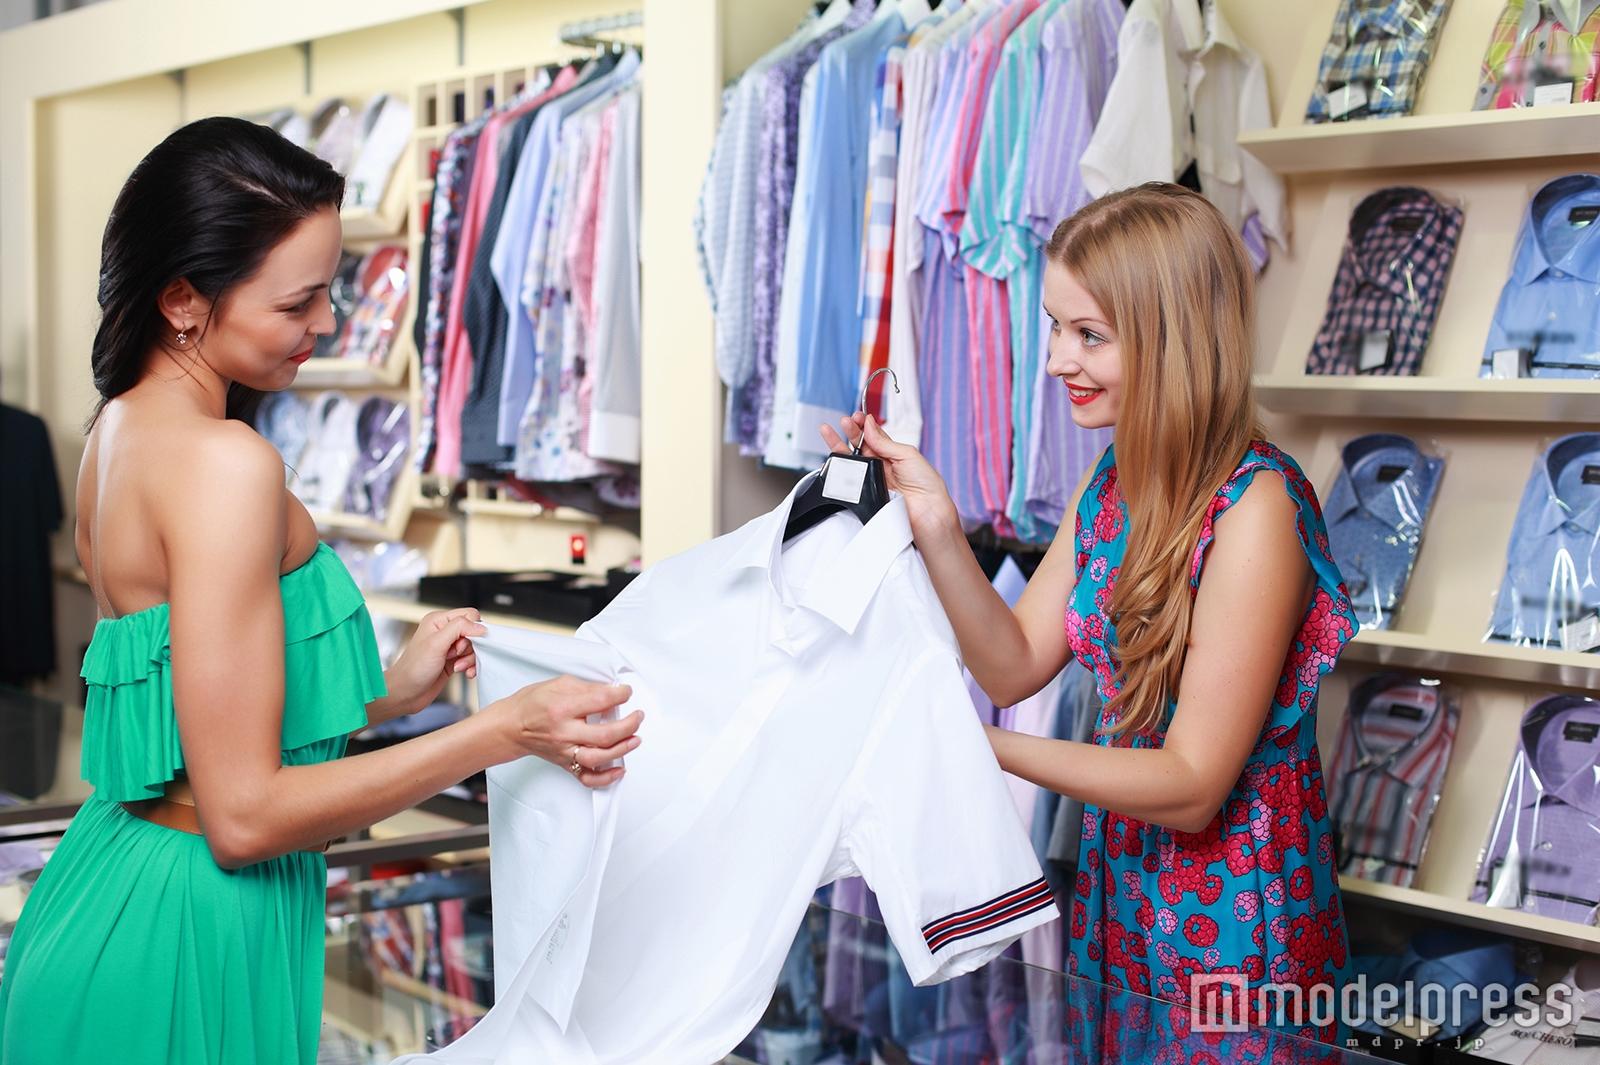 アパレル店員が教えるハンガーの選び方とは?お気に入りの服が長持ち/Photo by Sergey Nivens